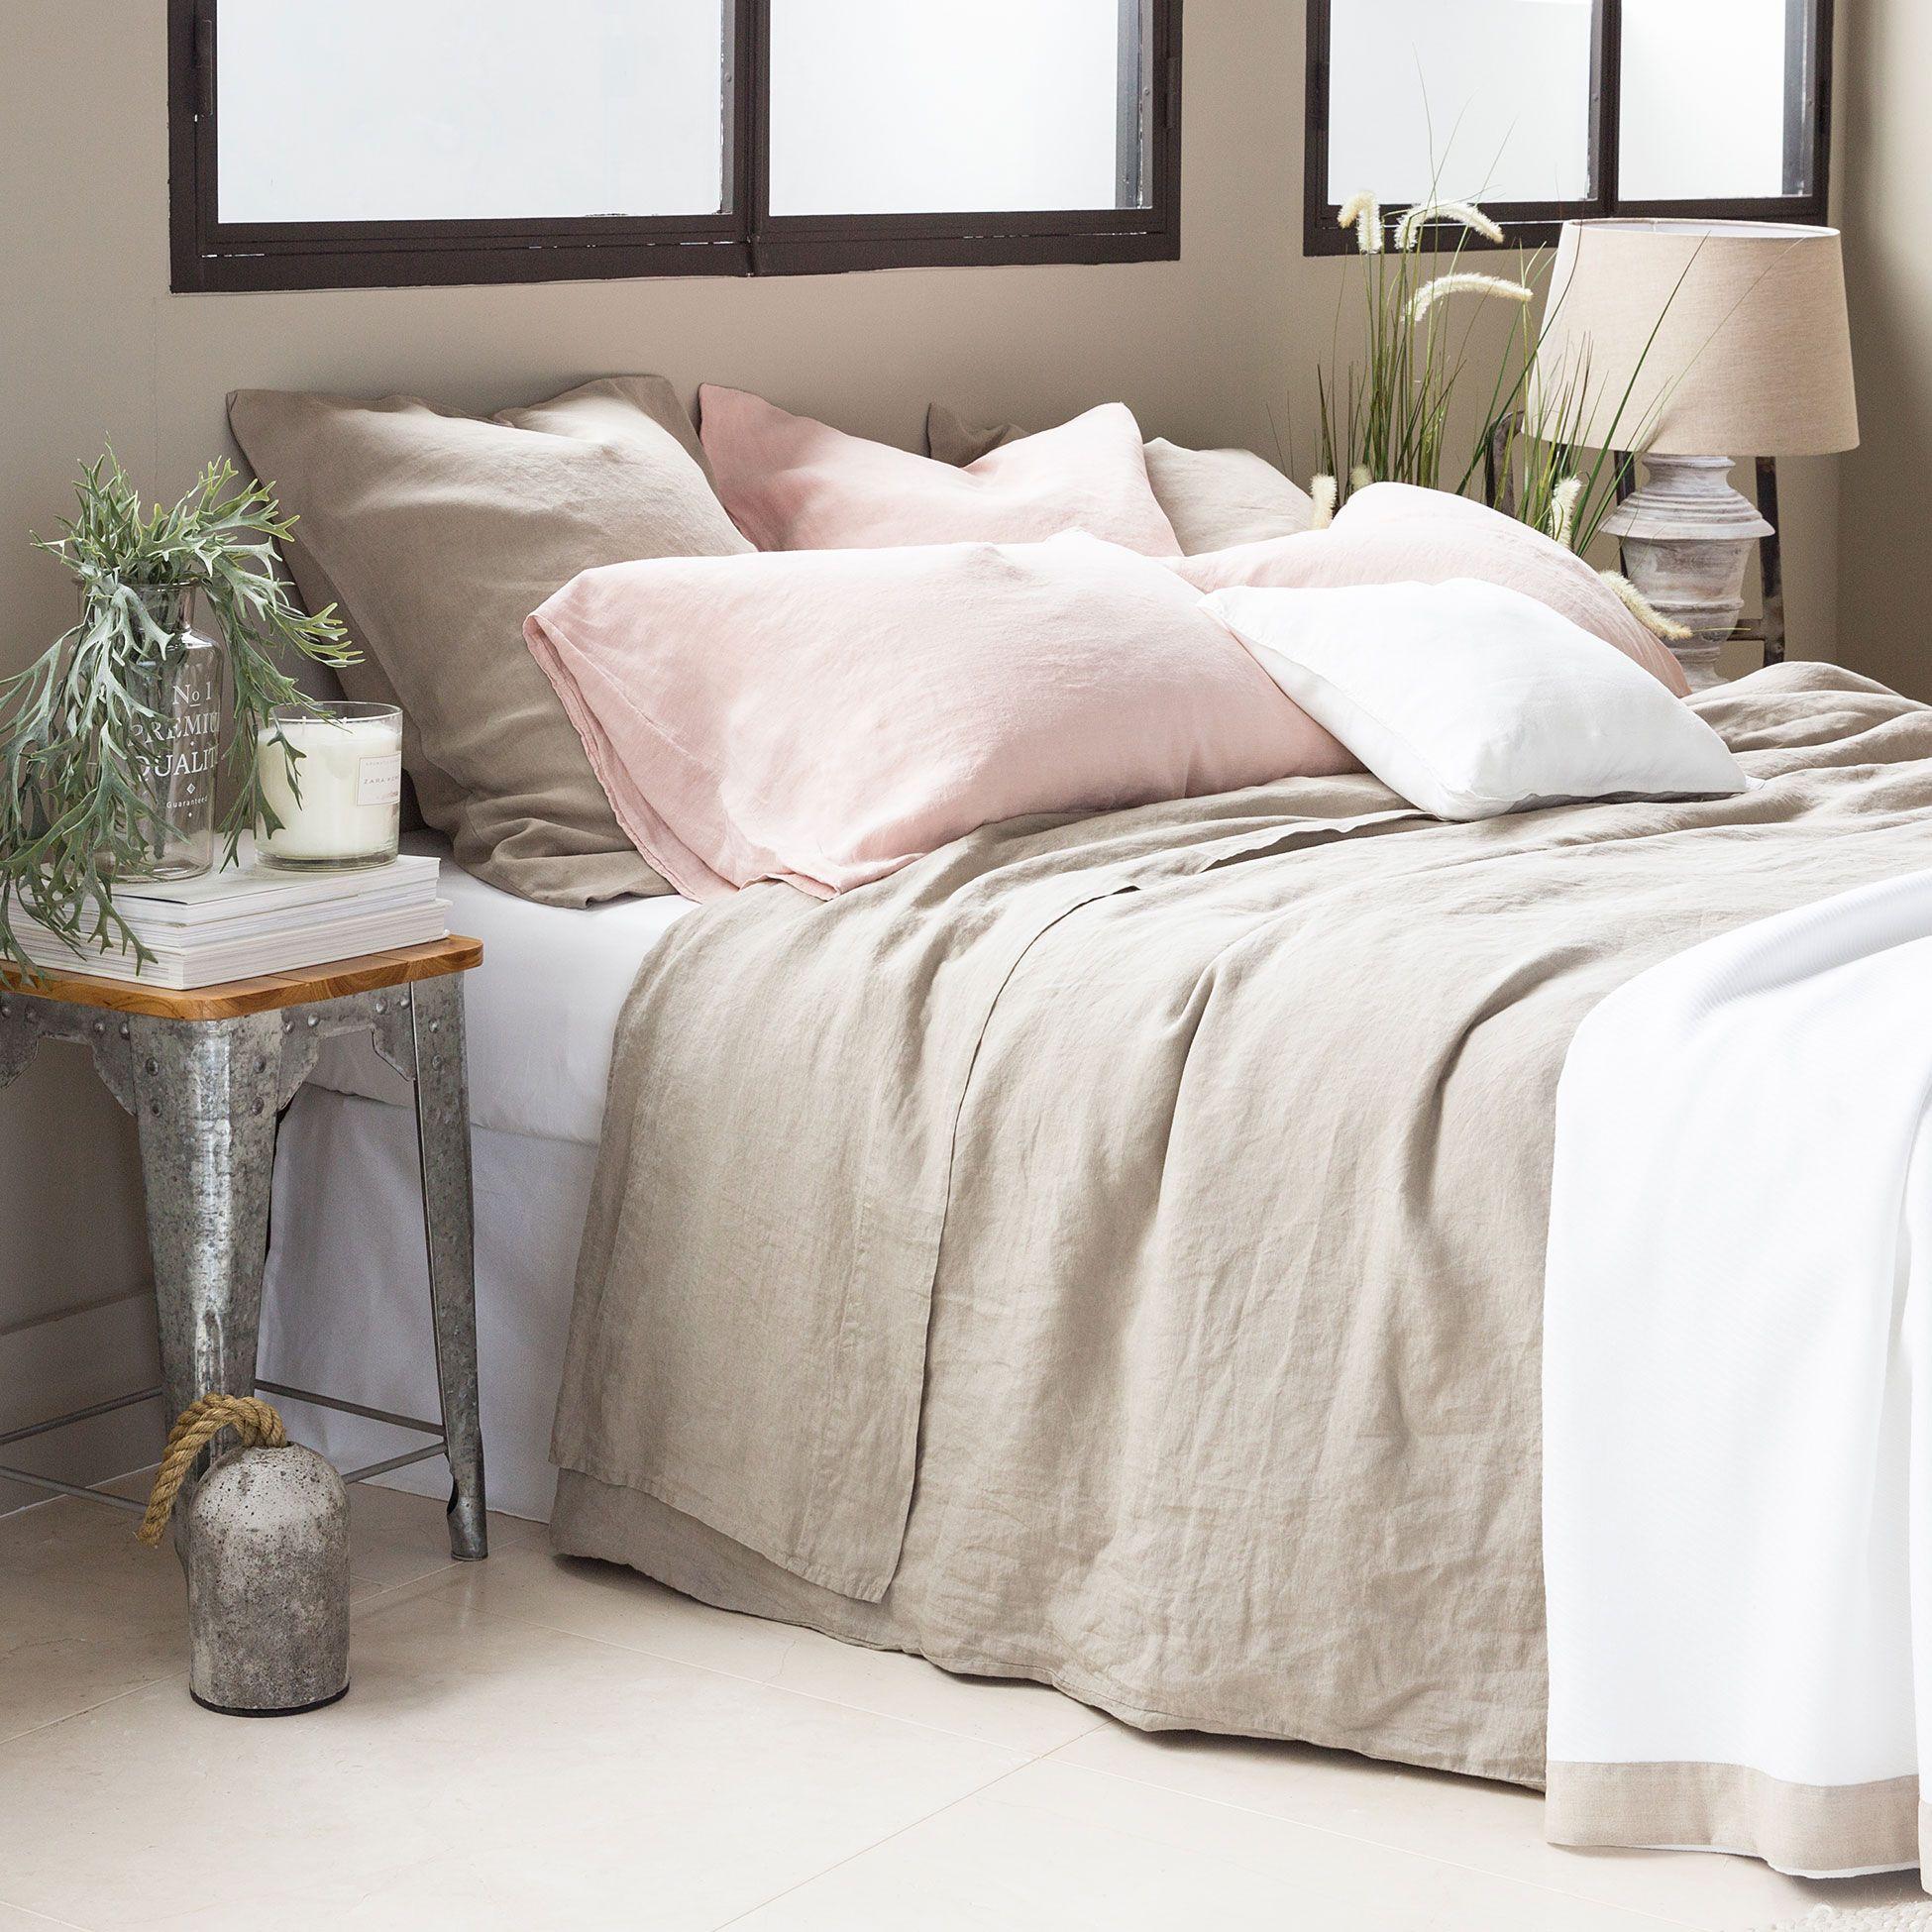 S banas y fundas lino color khaki zara camas y espa a - Sabanas sheridan espana ...